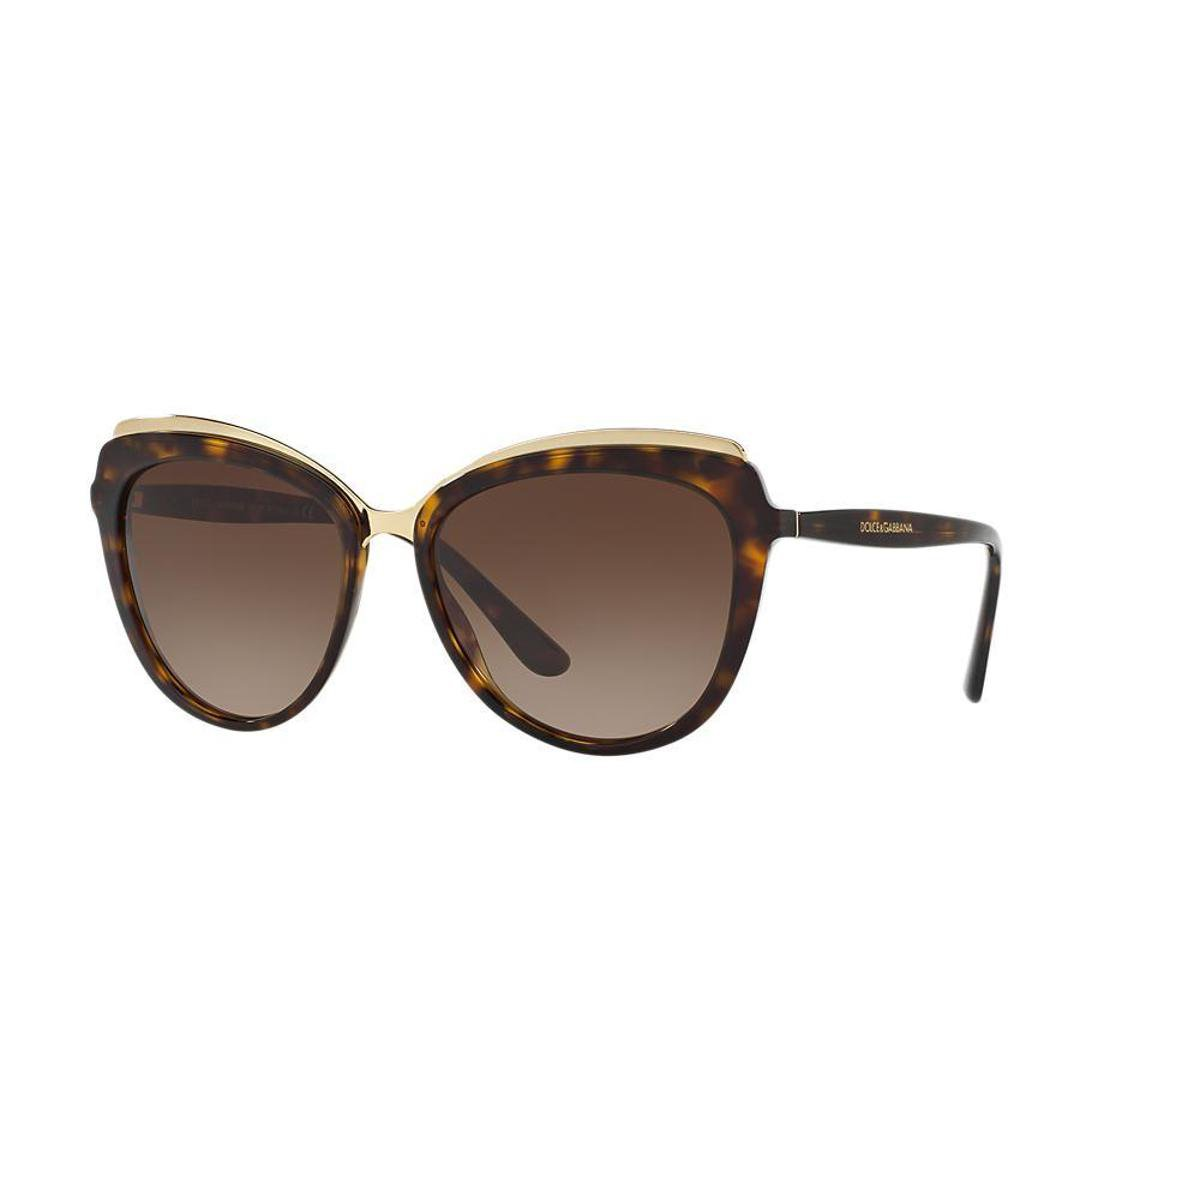 efb5bda76d7f2 Óculos de Sol Dolce   Gabbana Gatinho DG4304 Feminino - Compre Agora ...